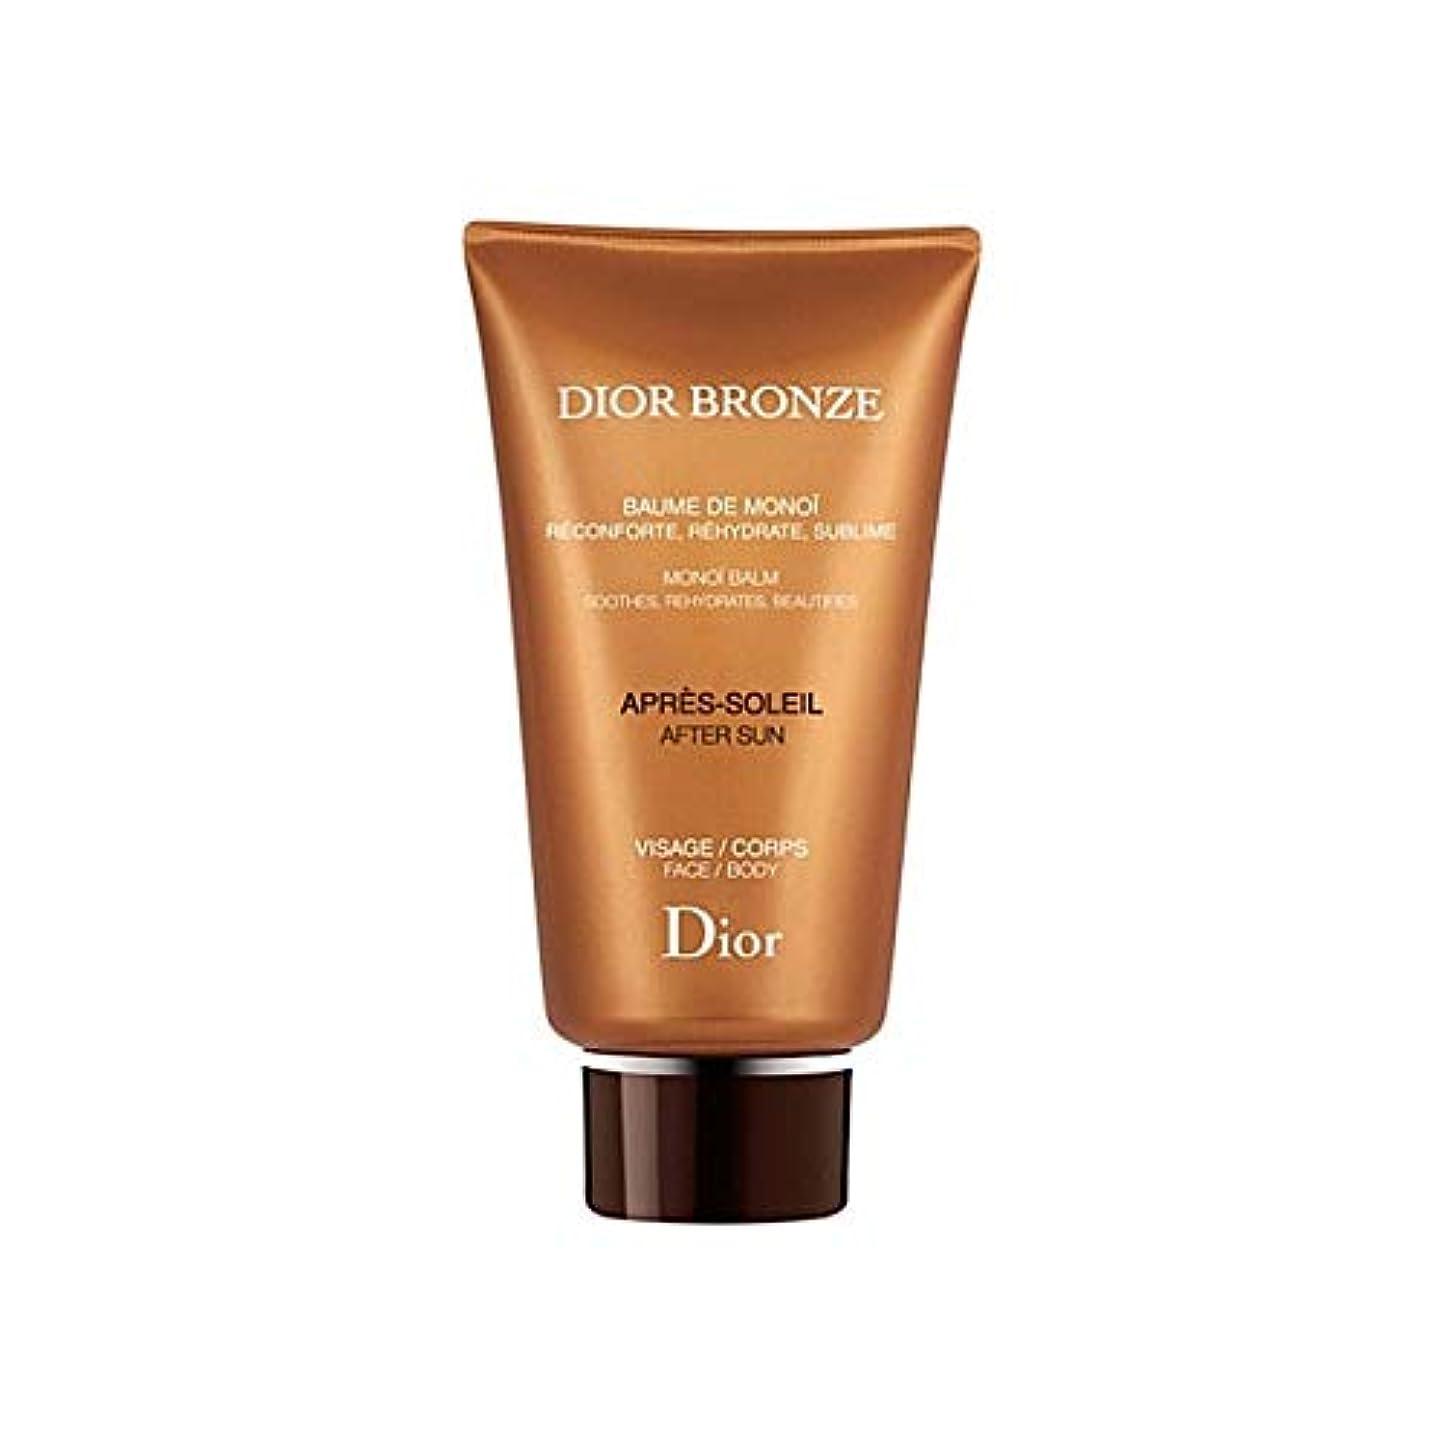 パネル愛撫まさに[Dior ] フェイス&ボディ150ミリリットルのためのディオールディオールブロンズアフターサンバーム - Dior Dior Bronze After-Sun Balm For Face & Body 150ml [並行輸入品]